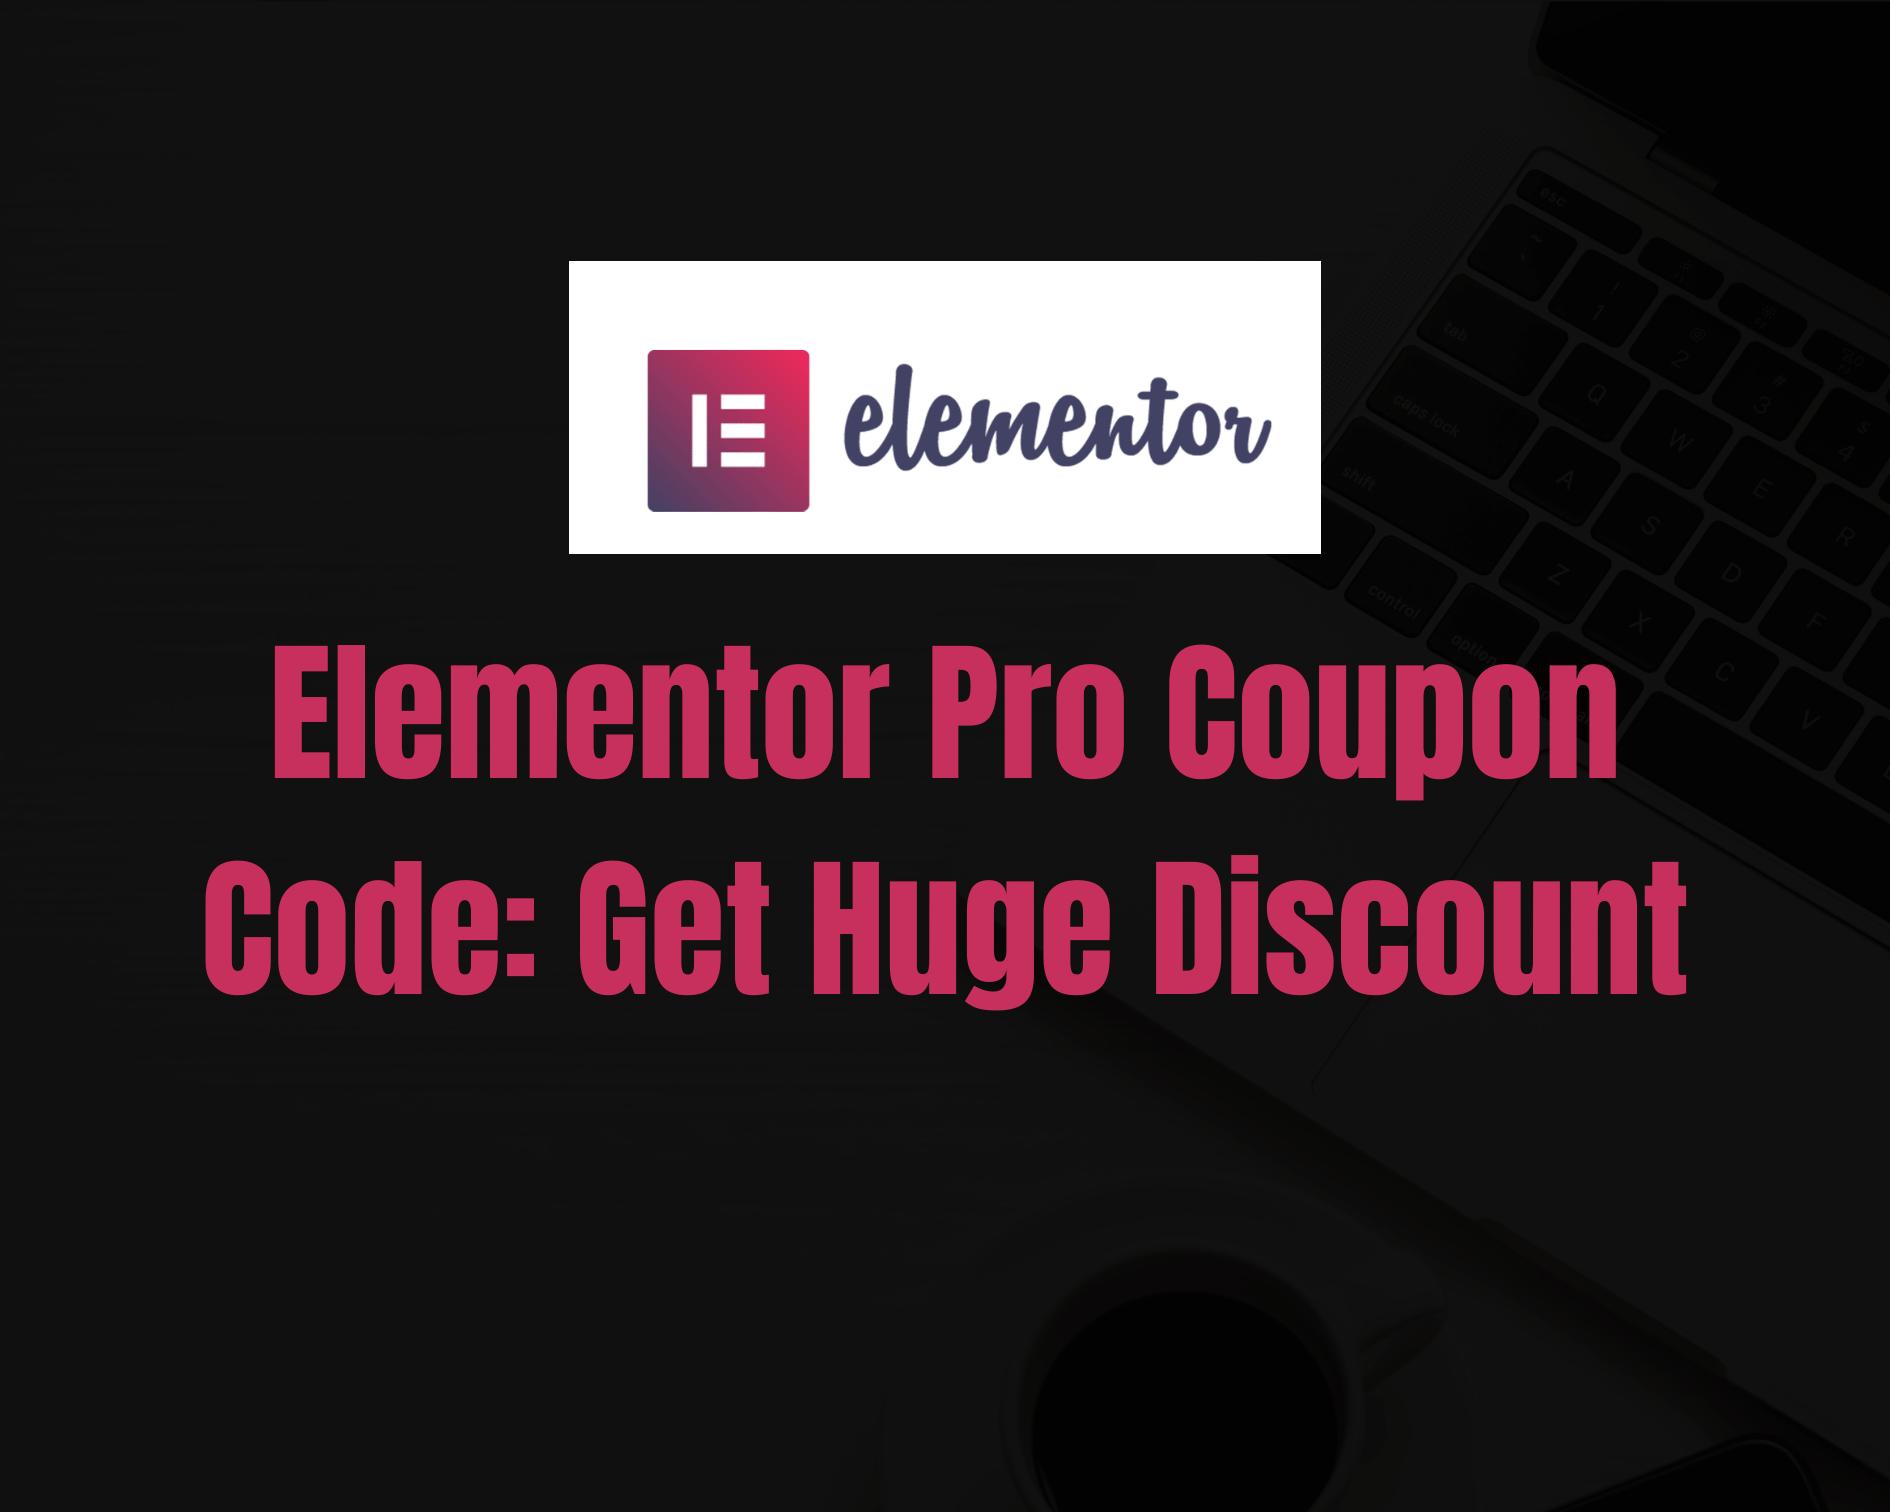 Elementor Pro Discount Code 2020: Get 10% OFF